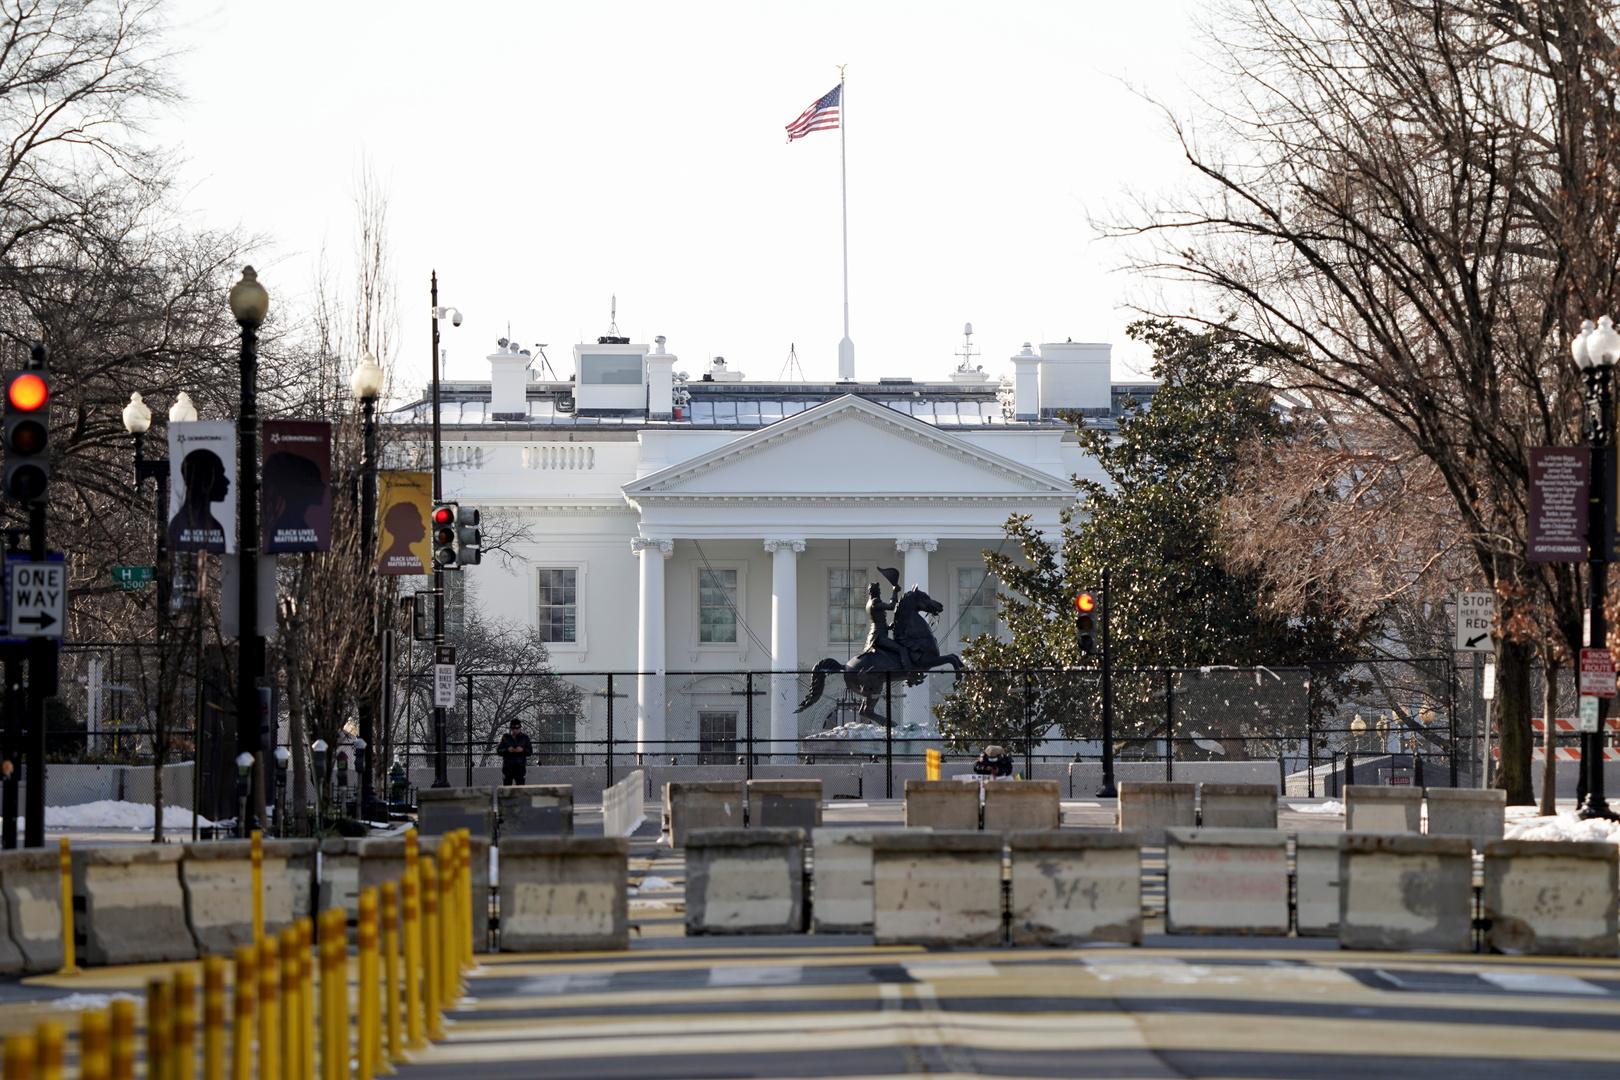 مصدر في البيت الأبيض يقلل من أهمية إعلان بايدن المرتقب بشأن السعودية